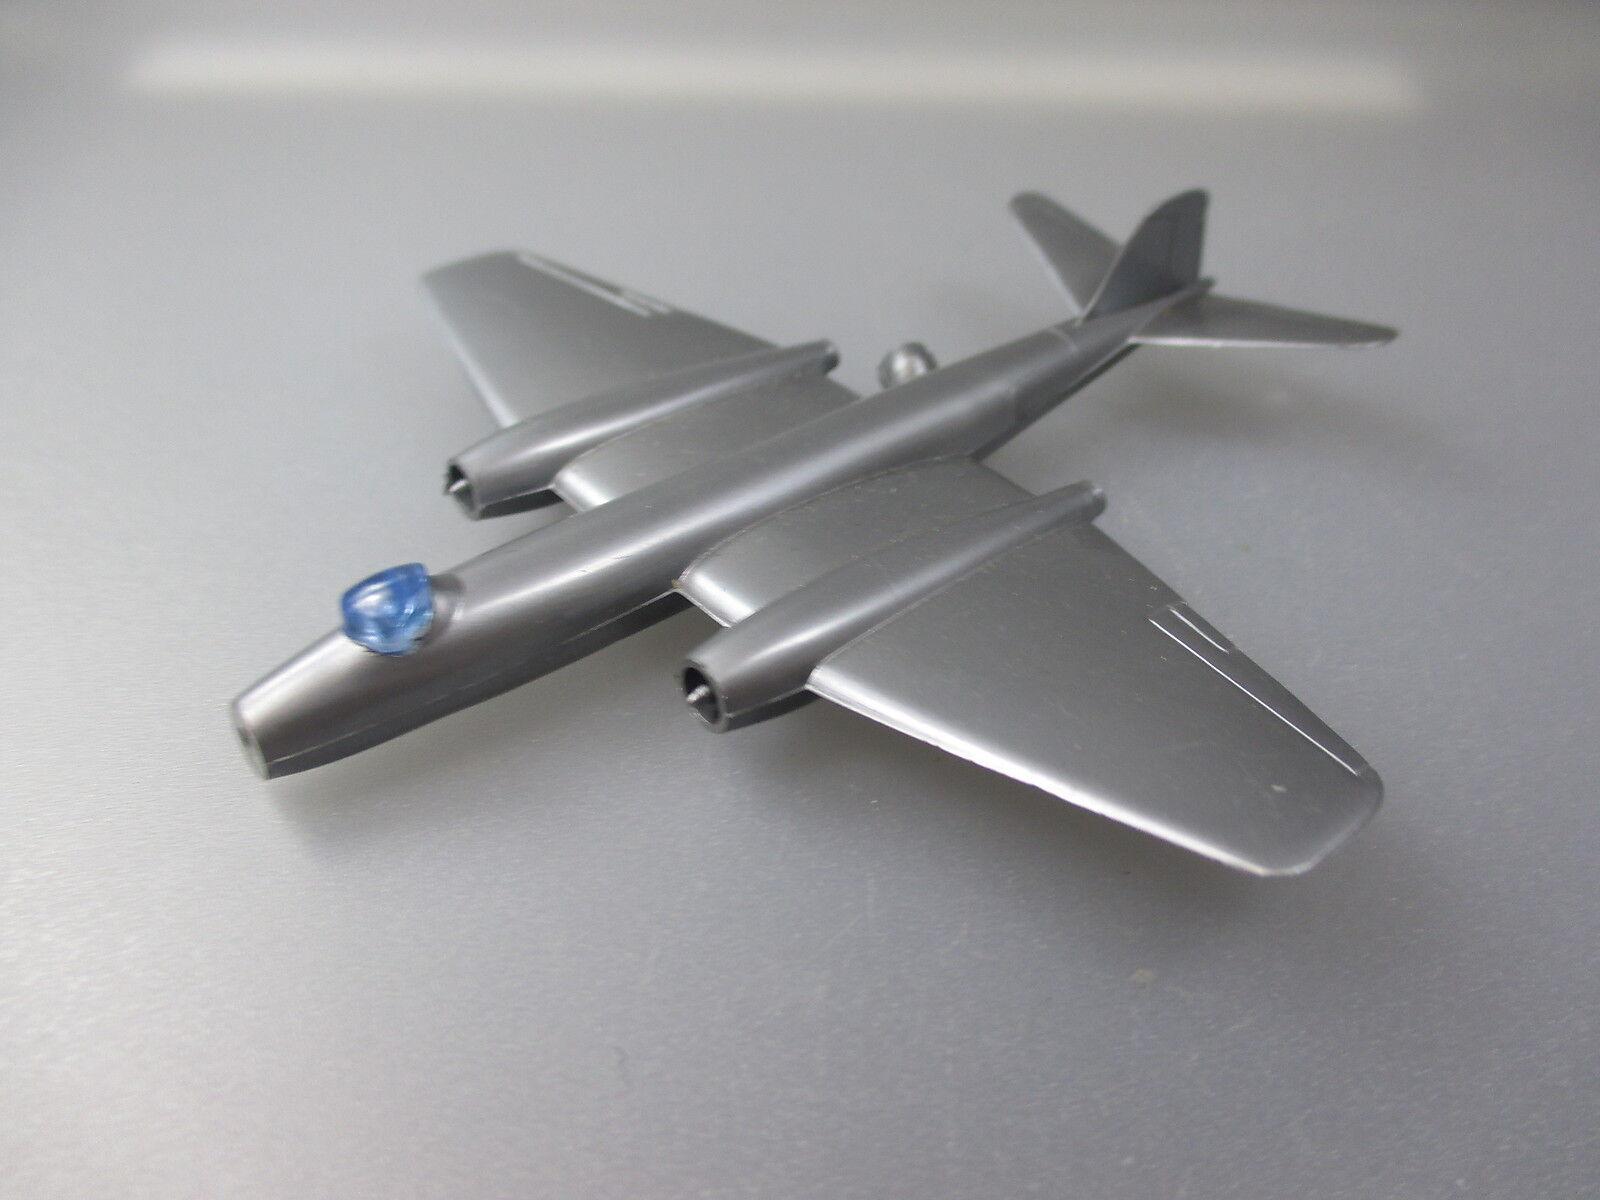 Wiking Flugzeug der silverserie  Canberra  Rohsilver- Rohsilver- Rohsilver- Modell  (Schub11) e952eb